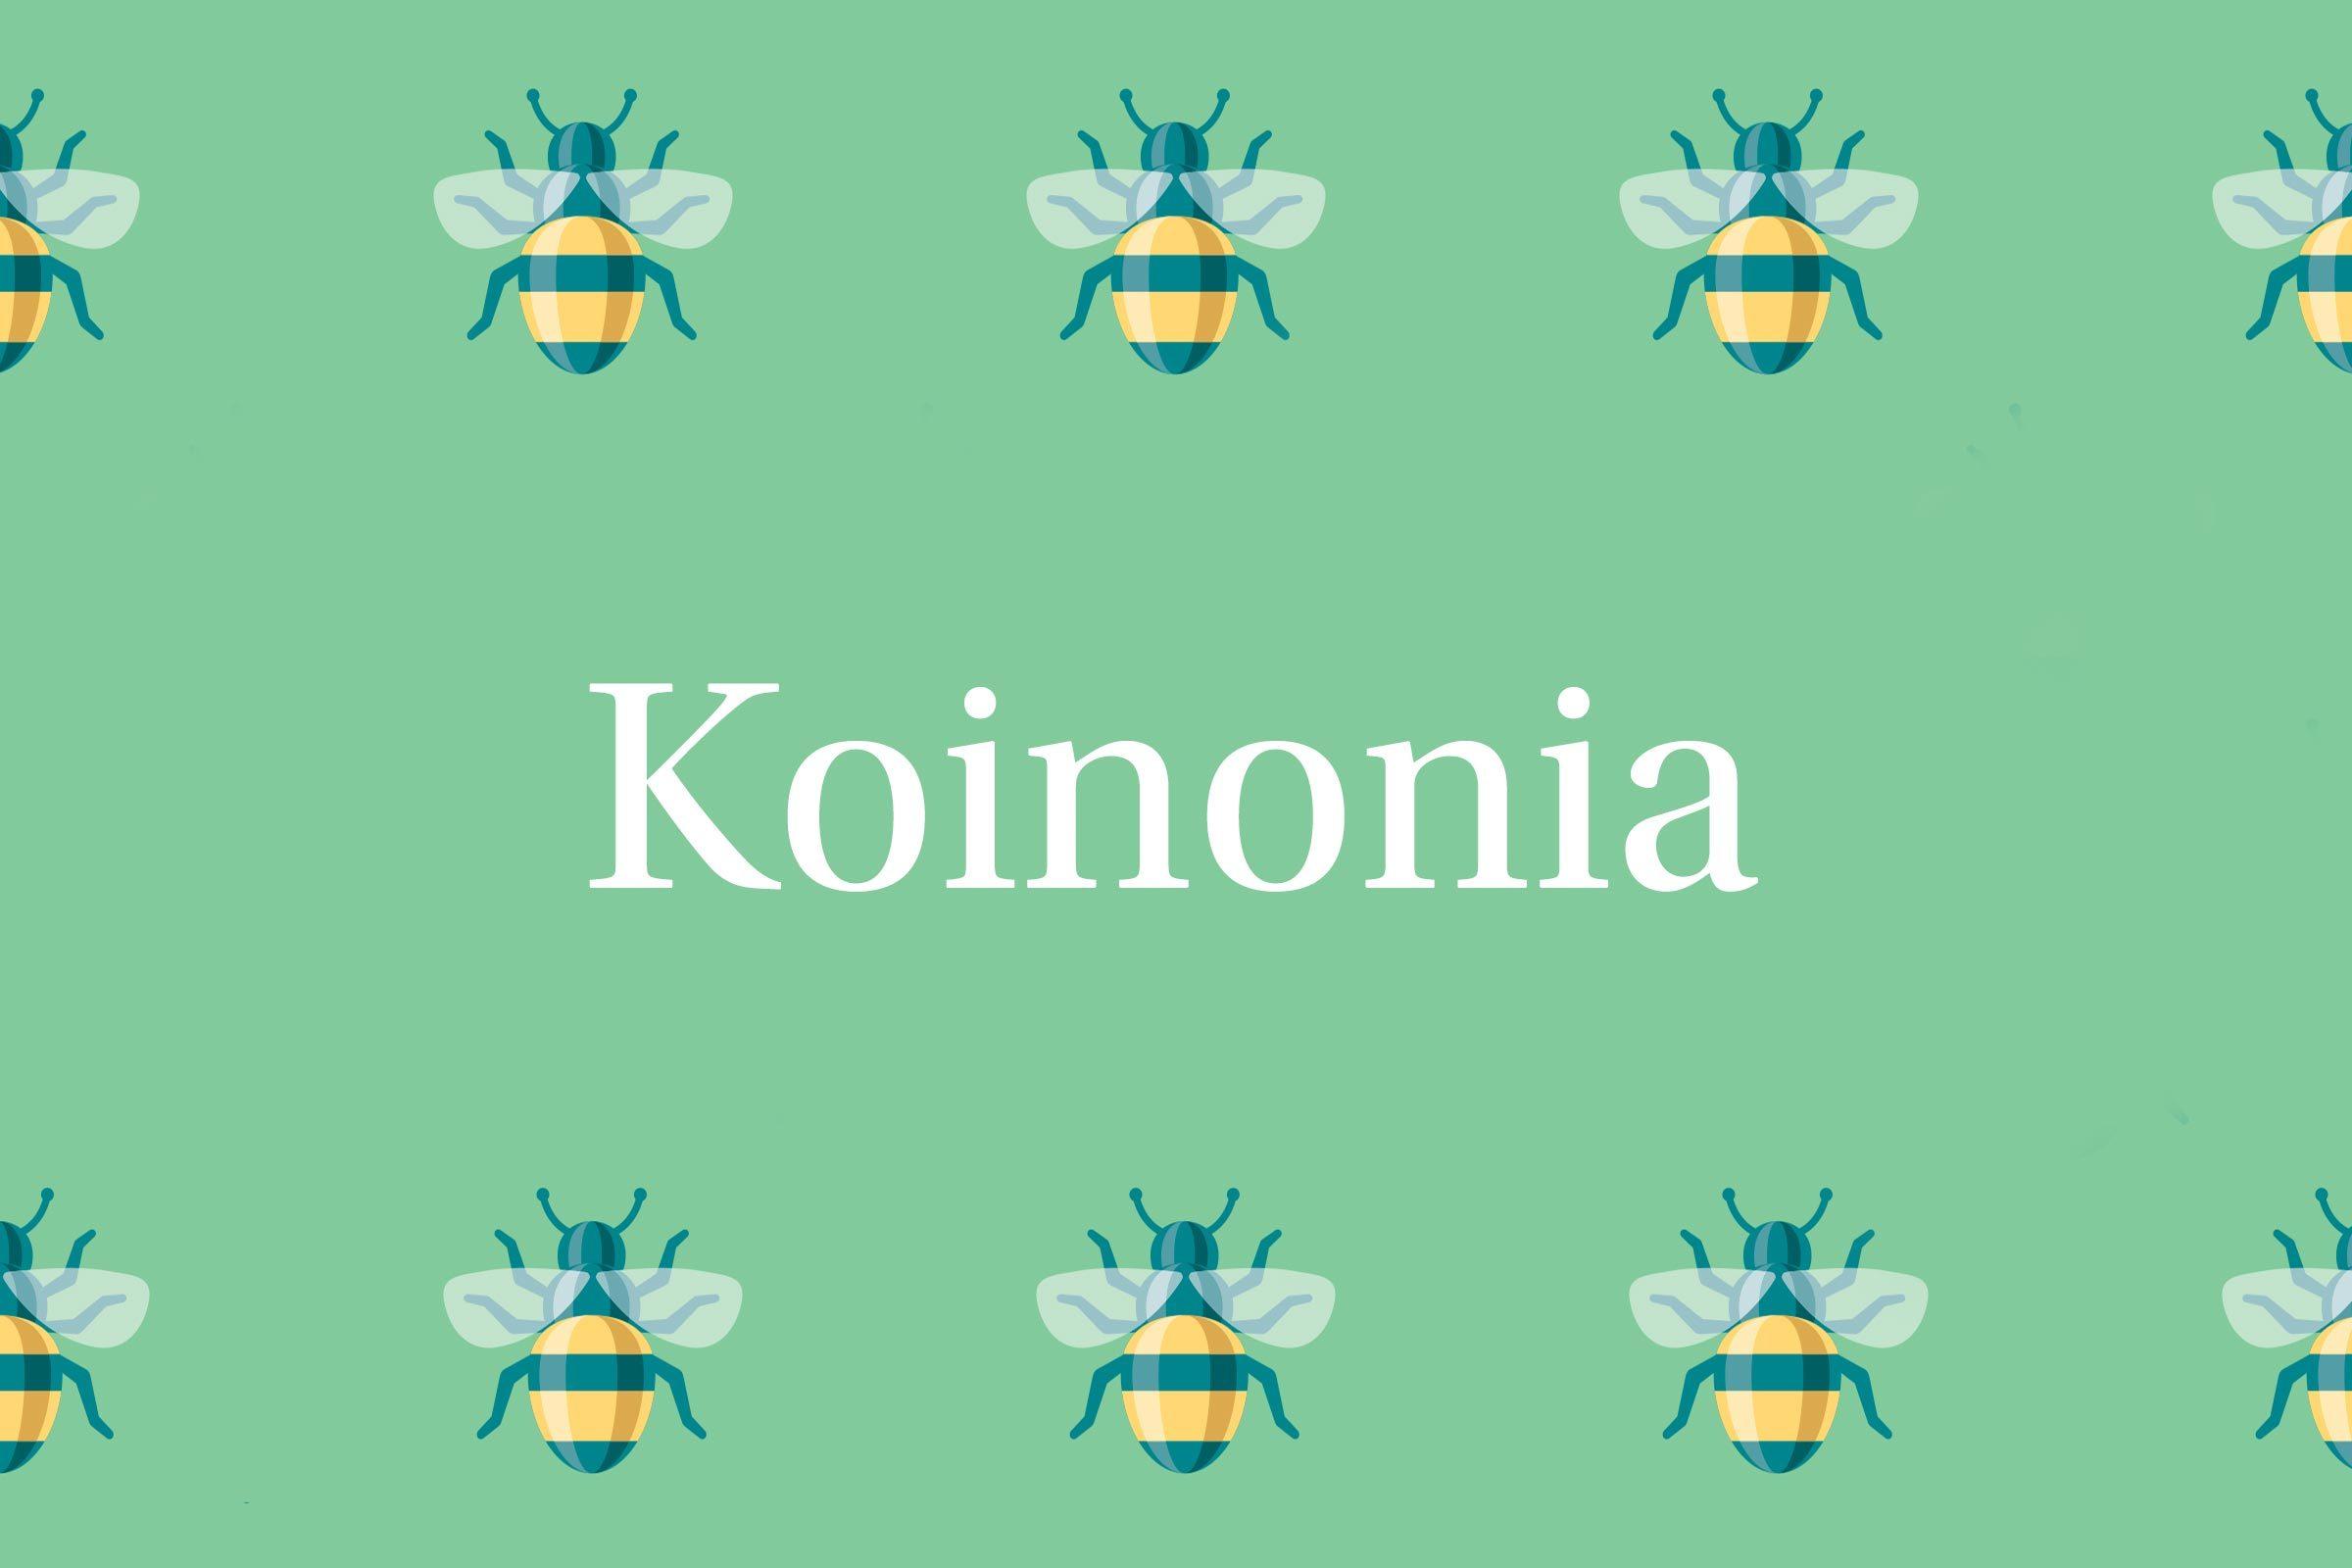 Koinonia